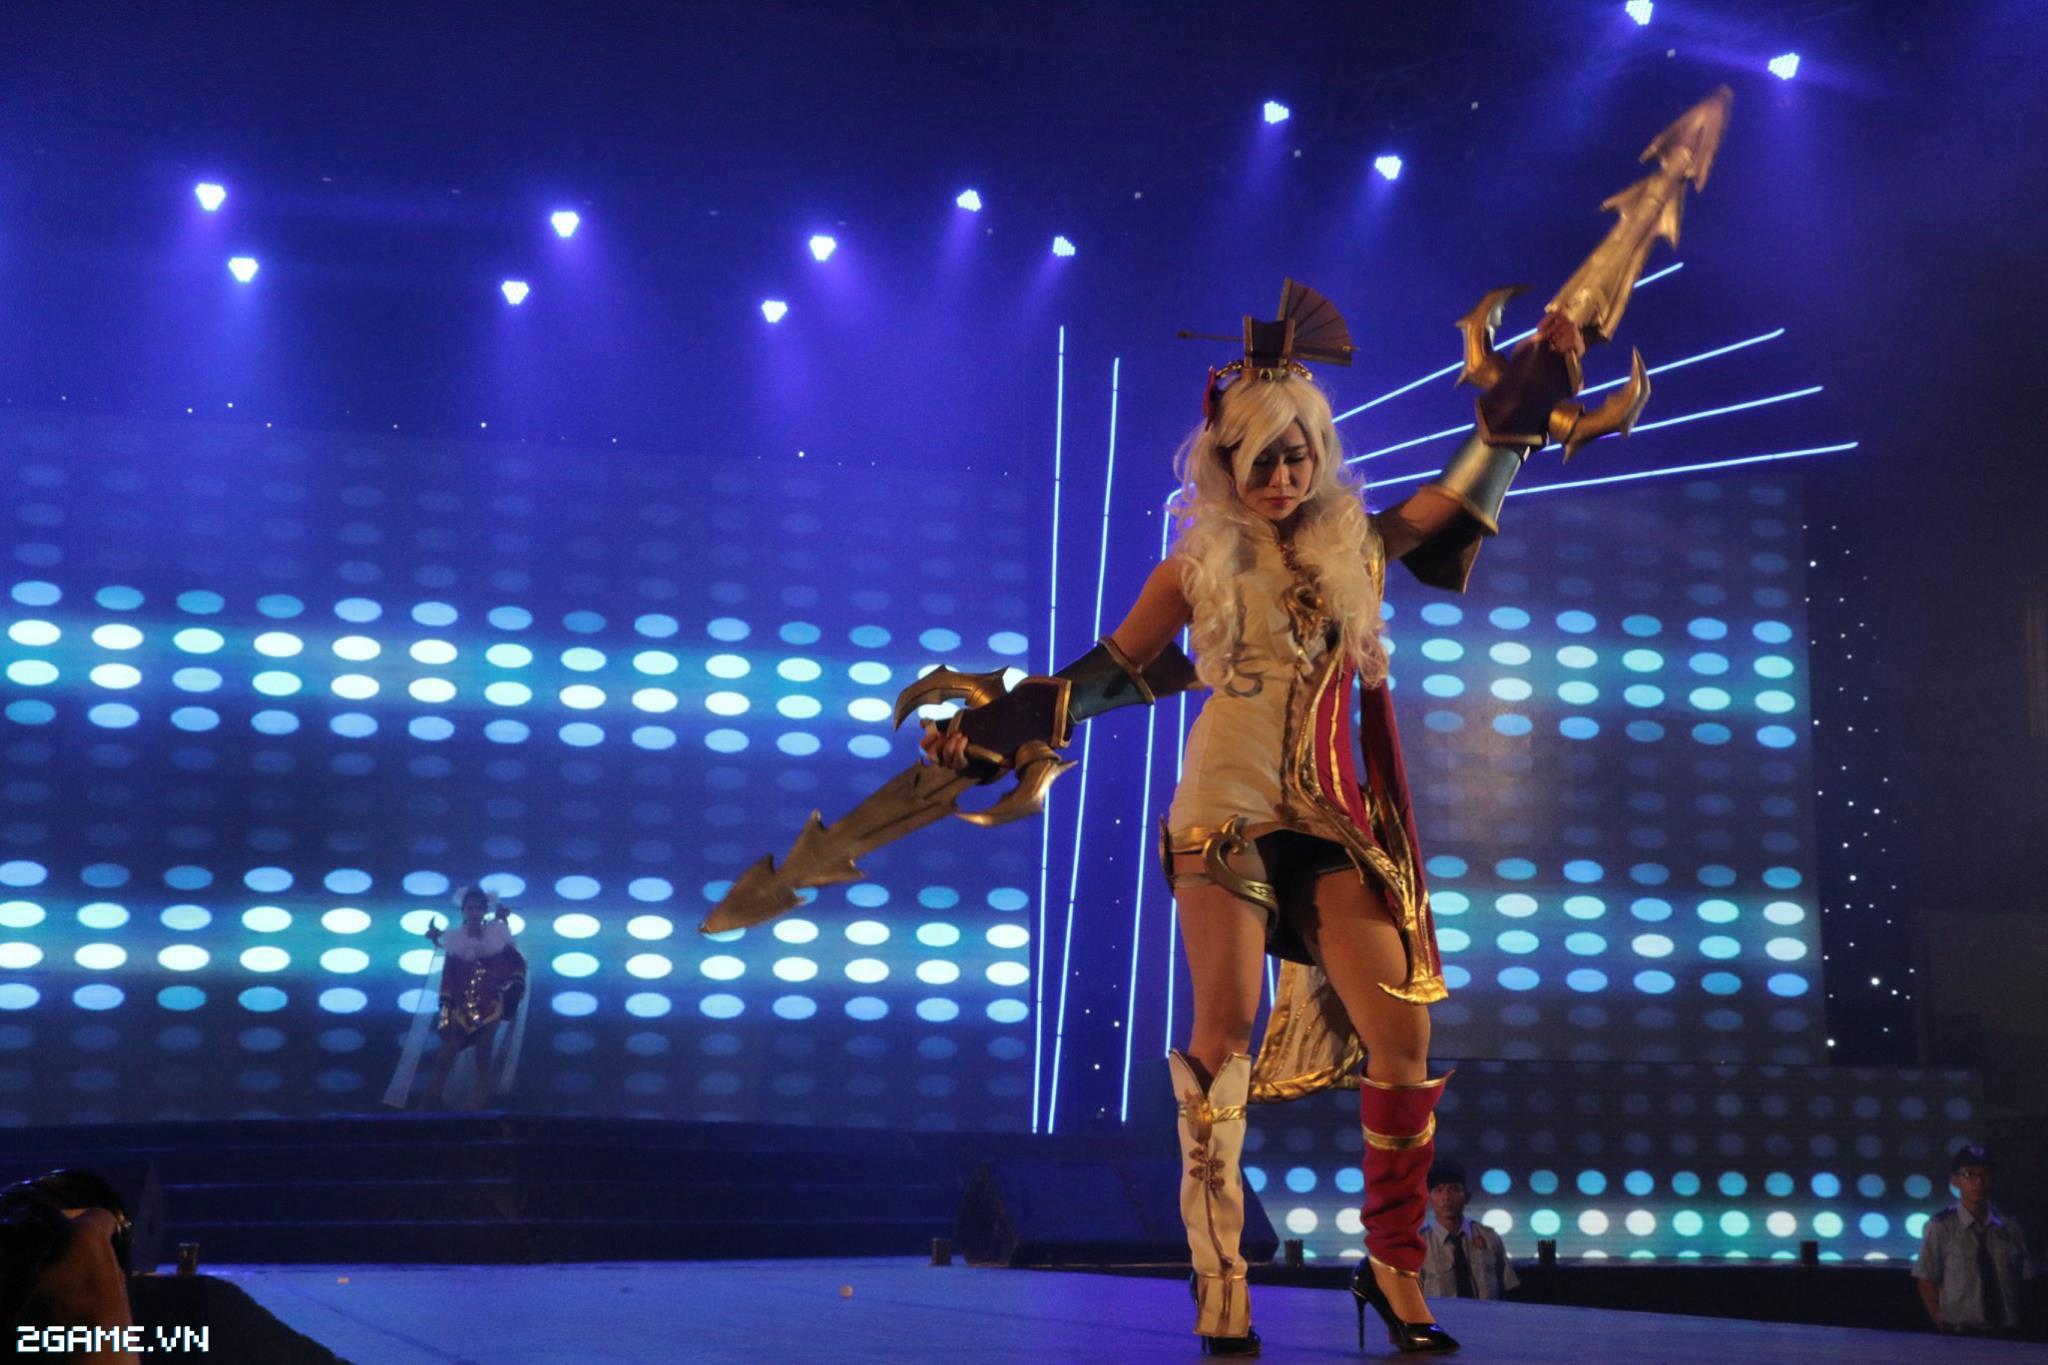 Điểm mặt các cosplay game xuất hiện tại Đại Hội 360mobi 2016 19